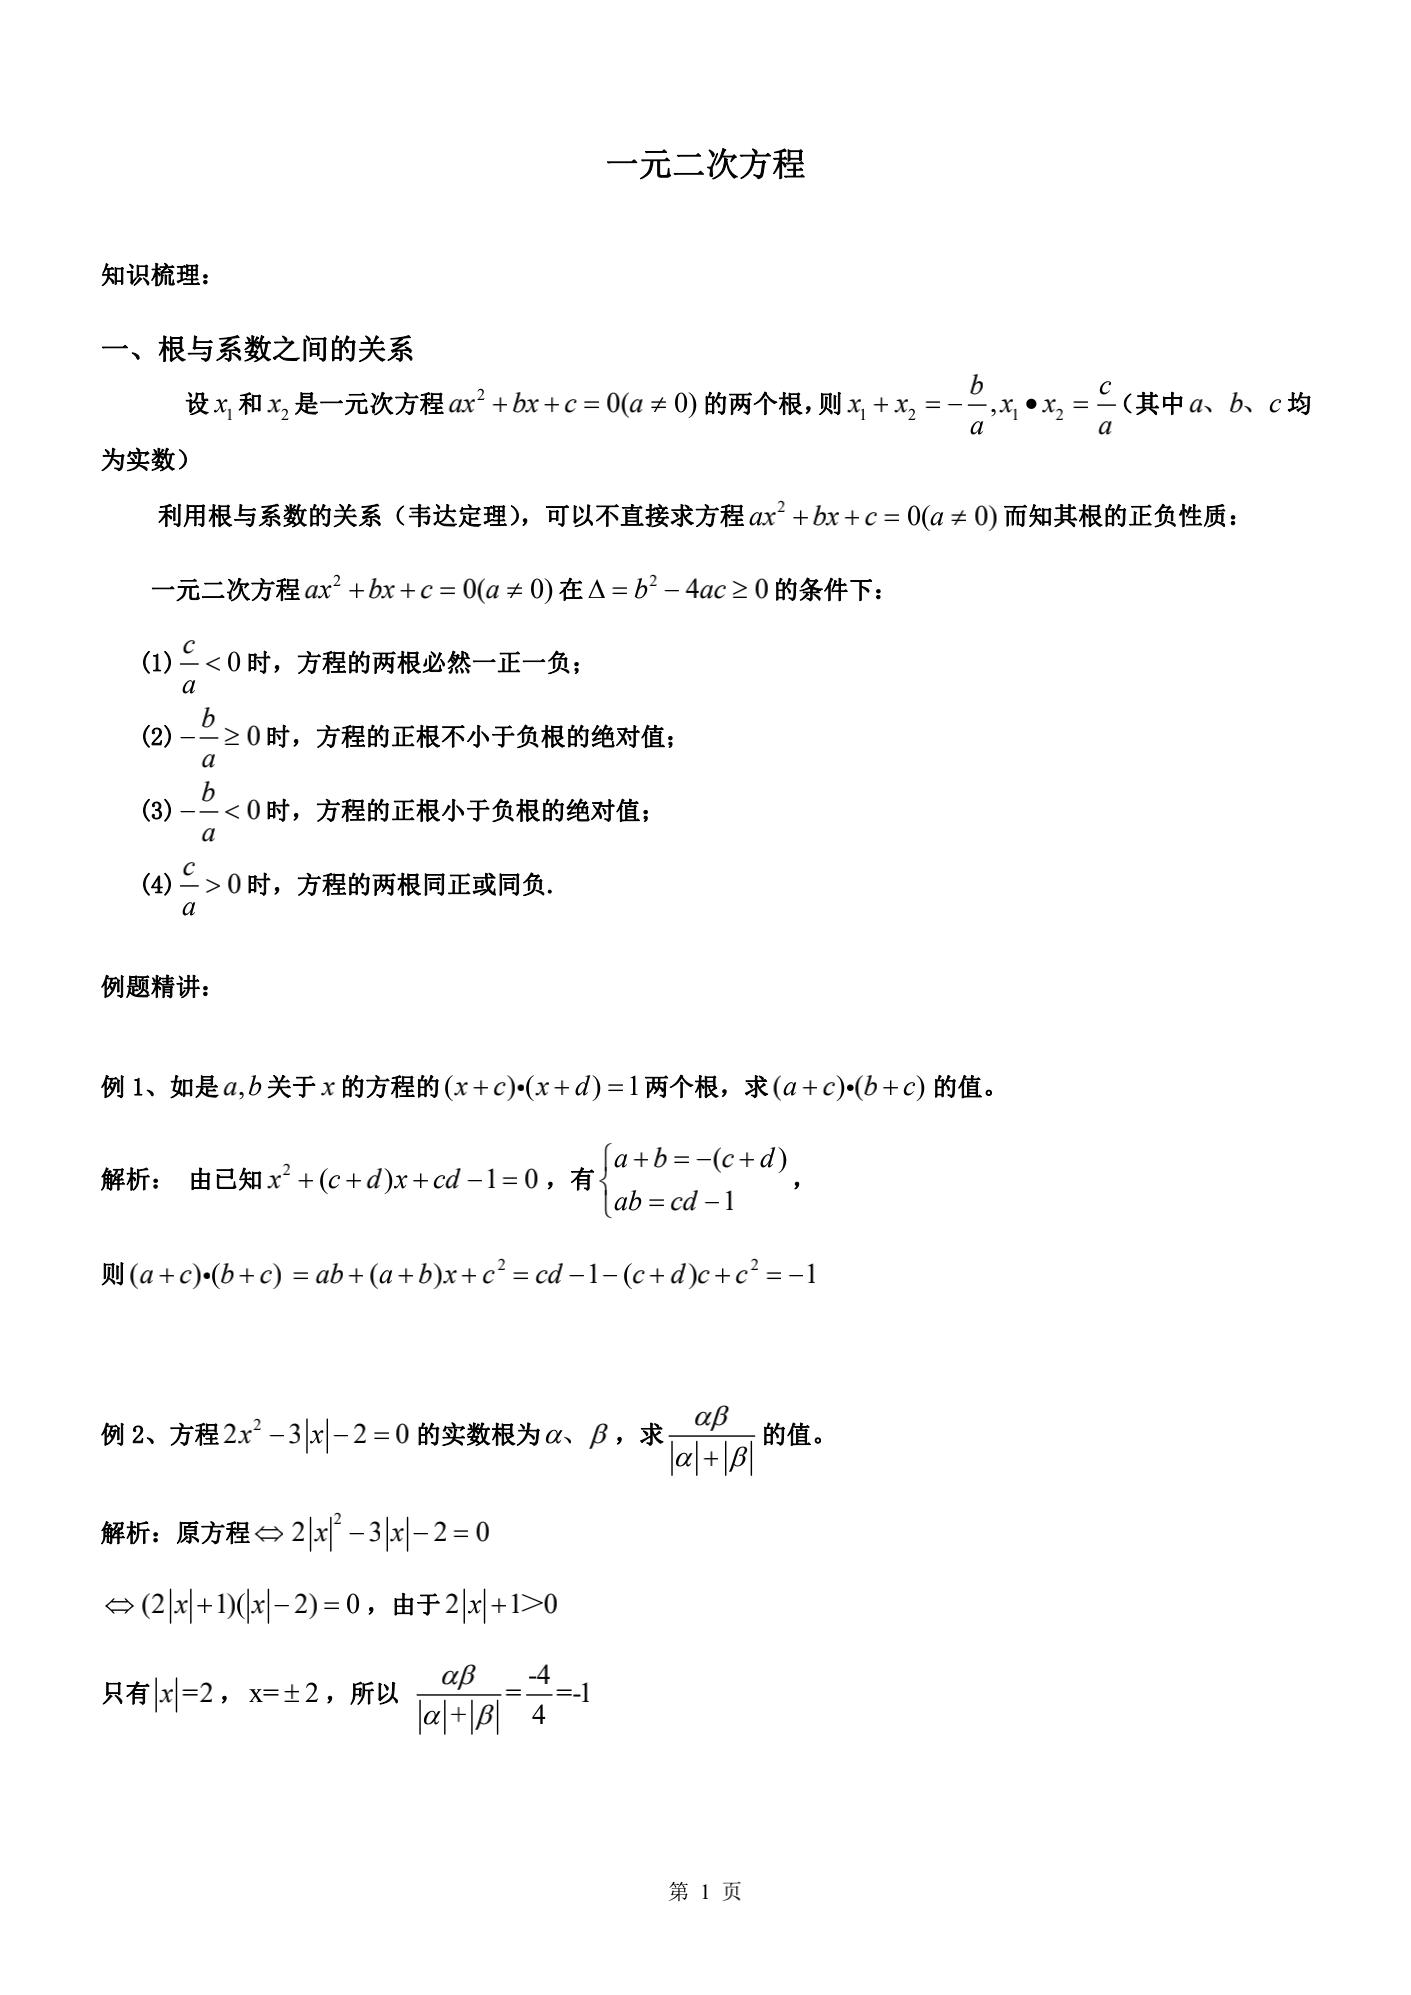 二次方程1